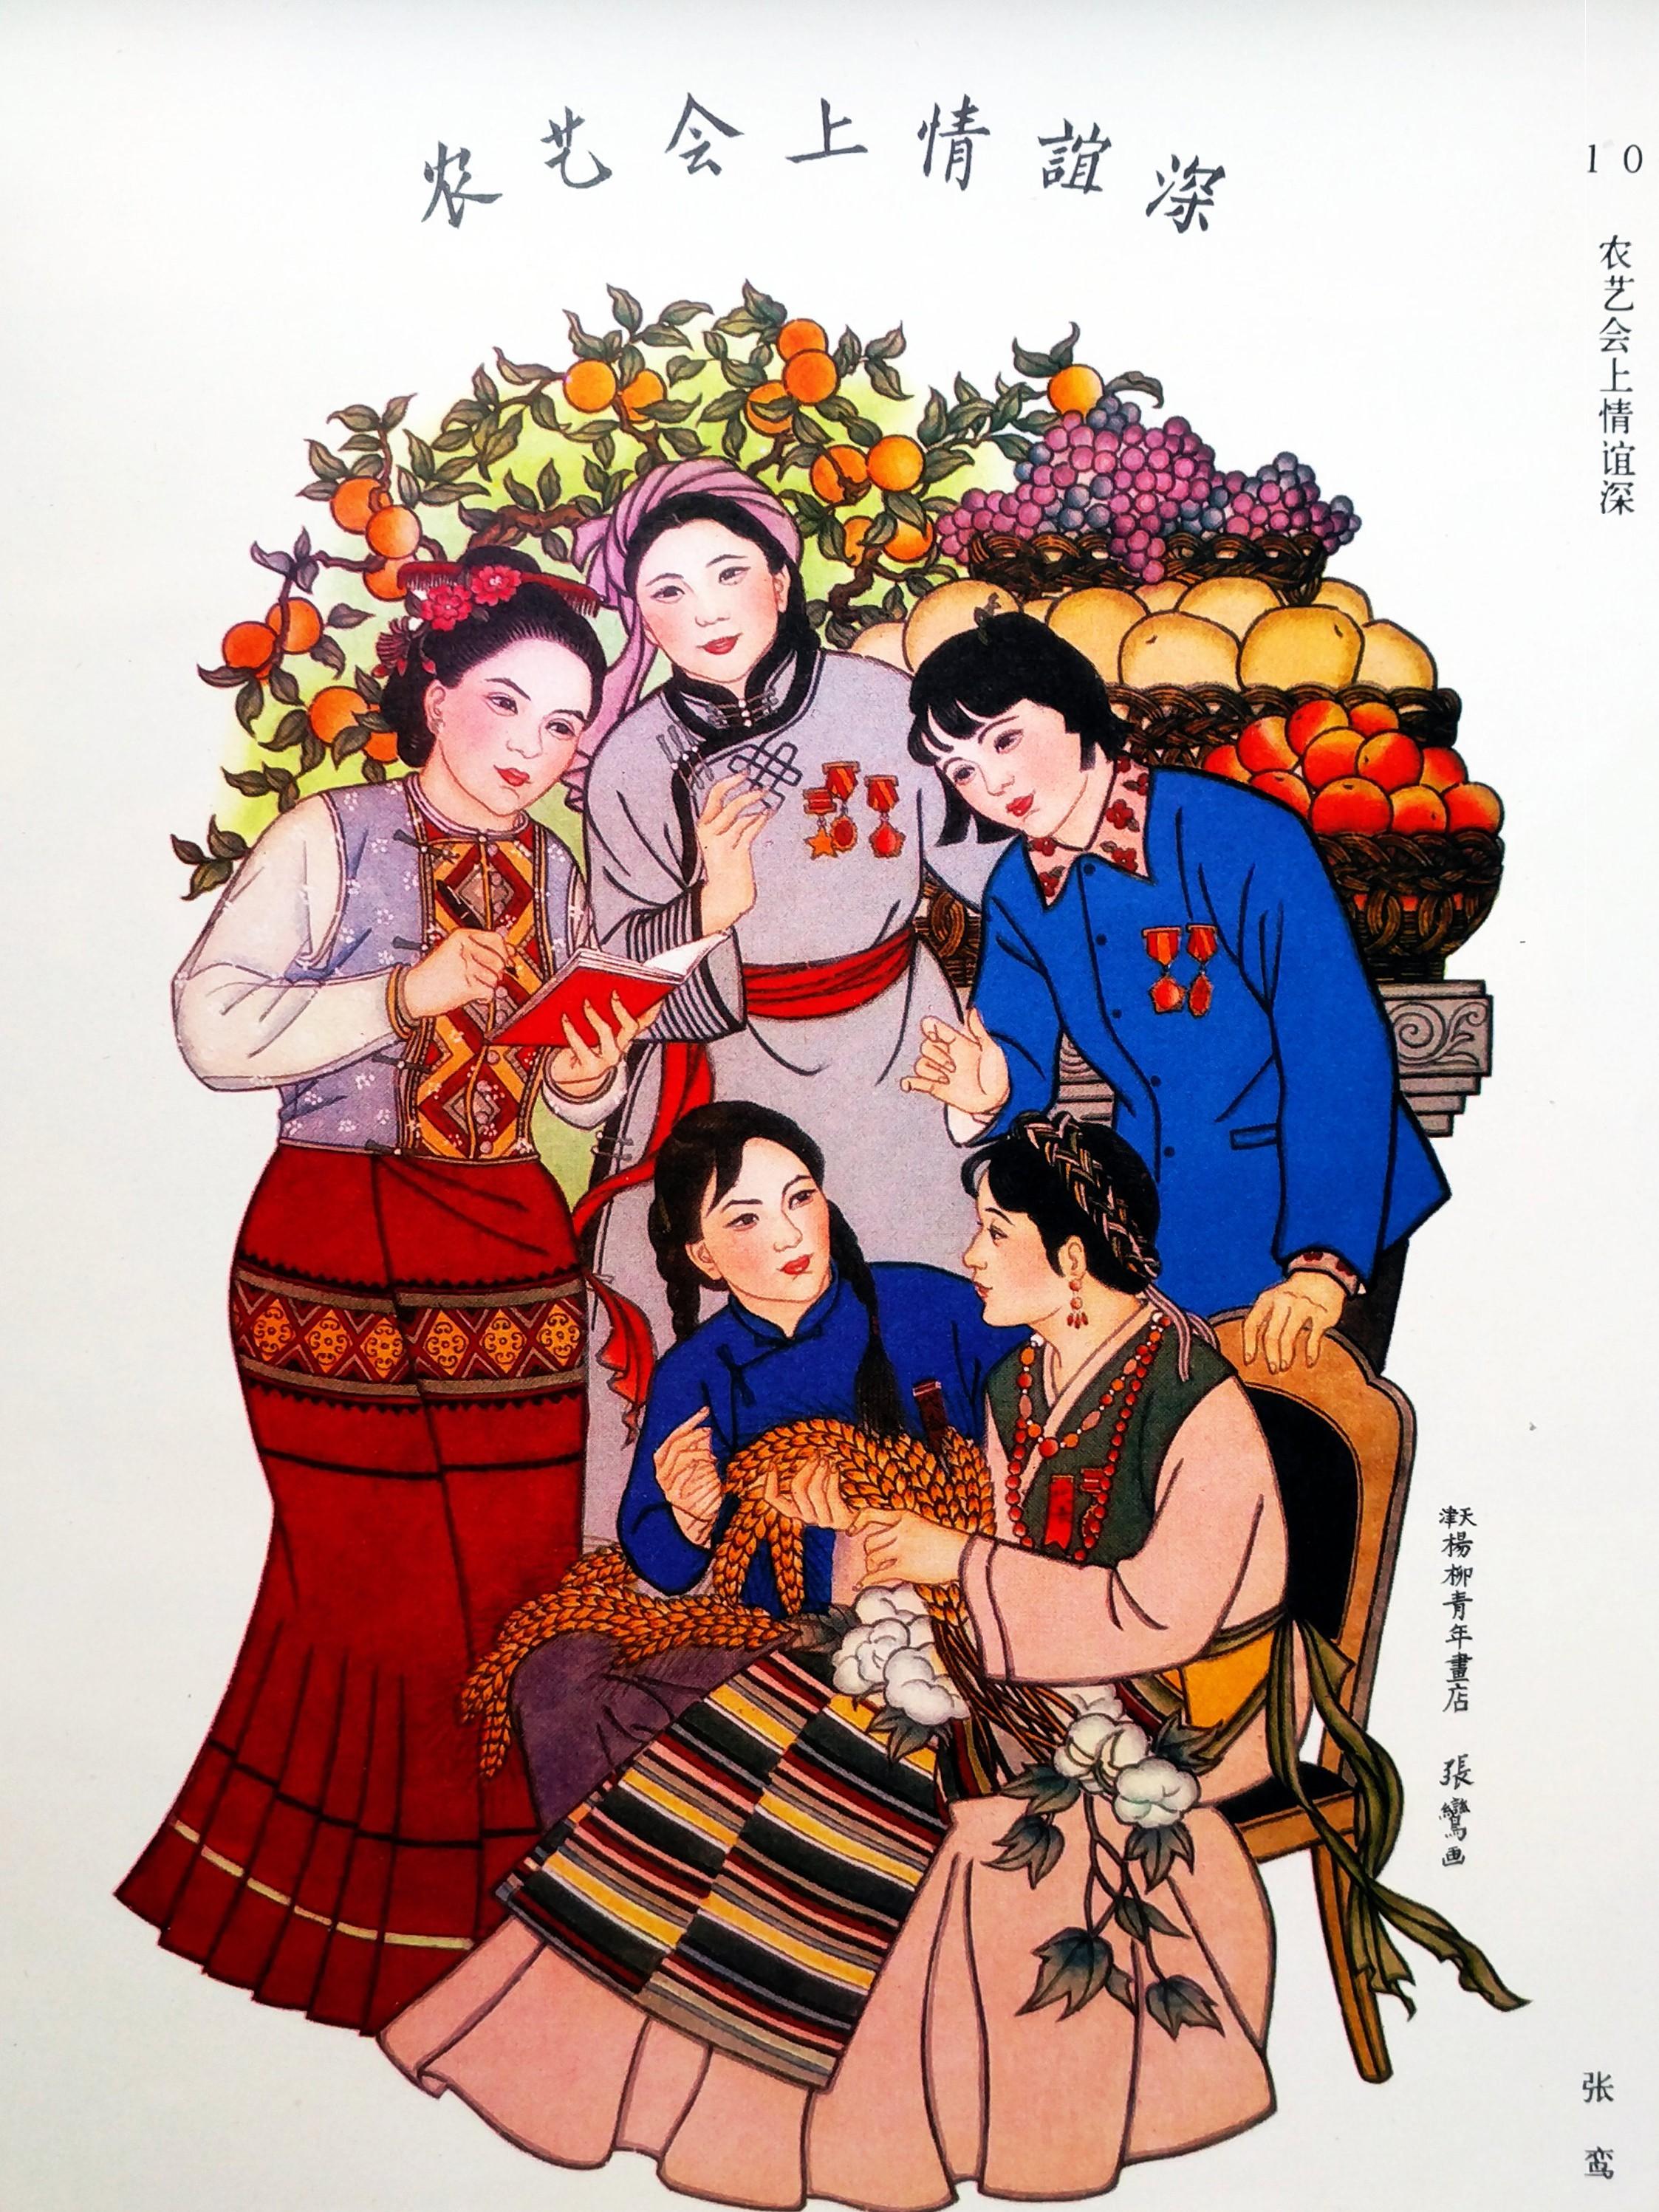 杨柳青传统年画,张张精品,欢迎收藏